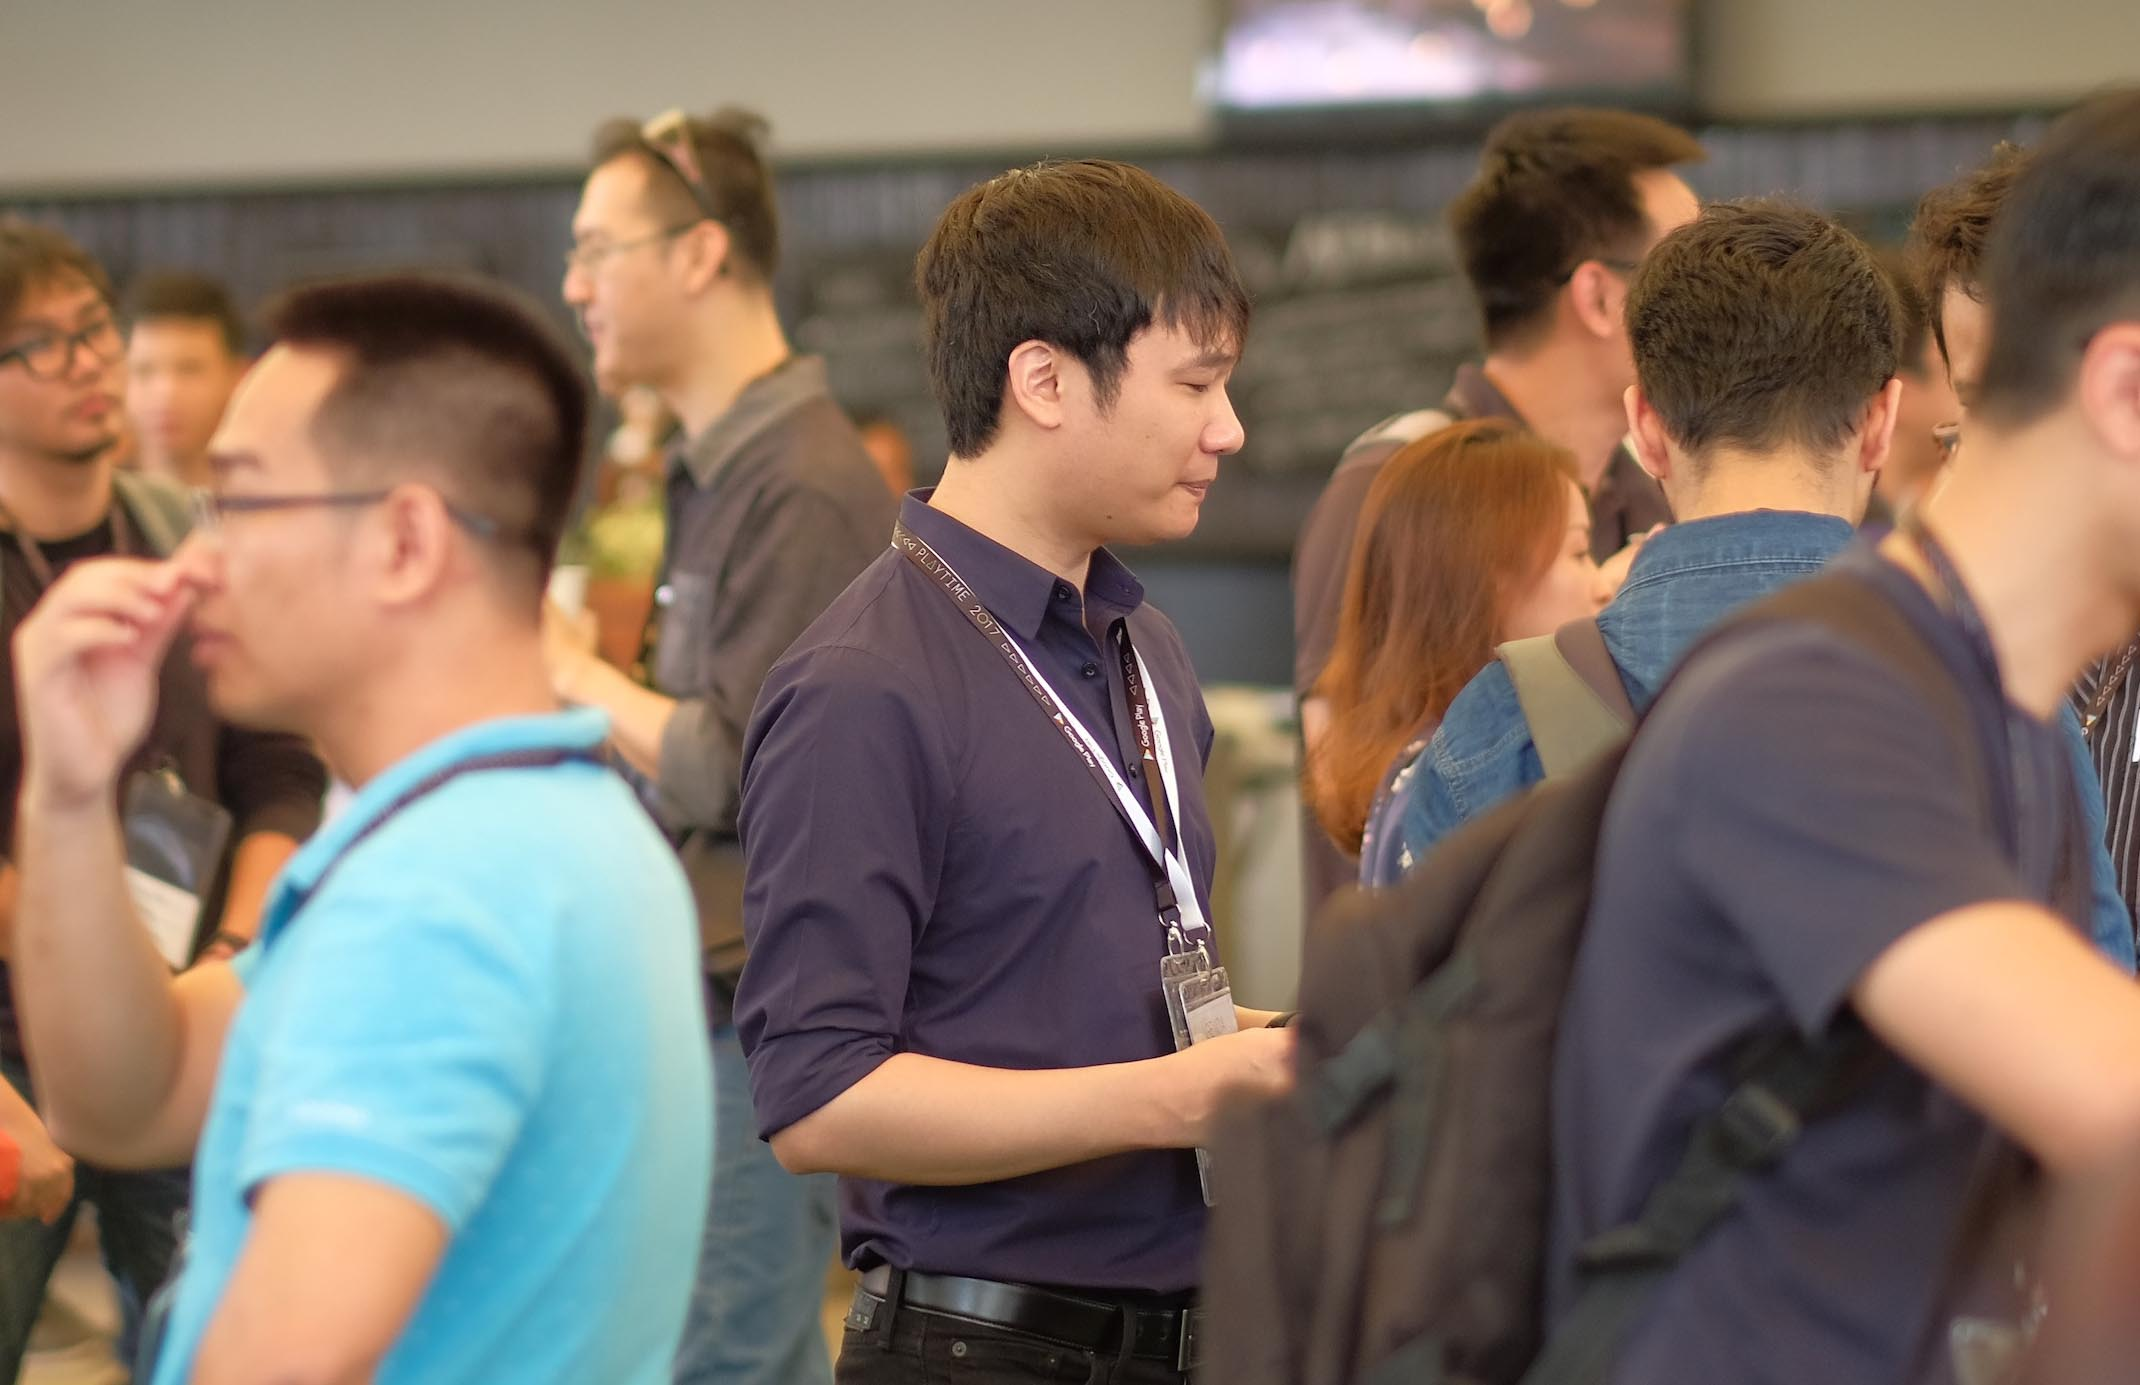 Nguyễn Hà Đông xuất hiện ở sự kiện Google với diện mạo mới